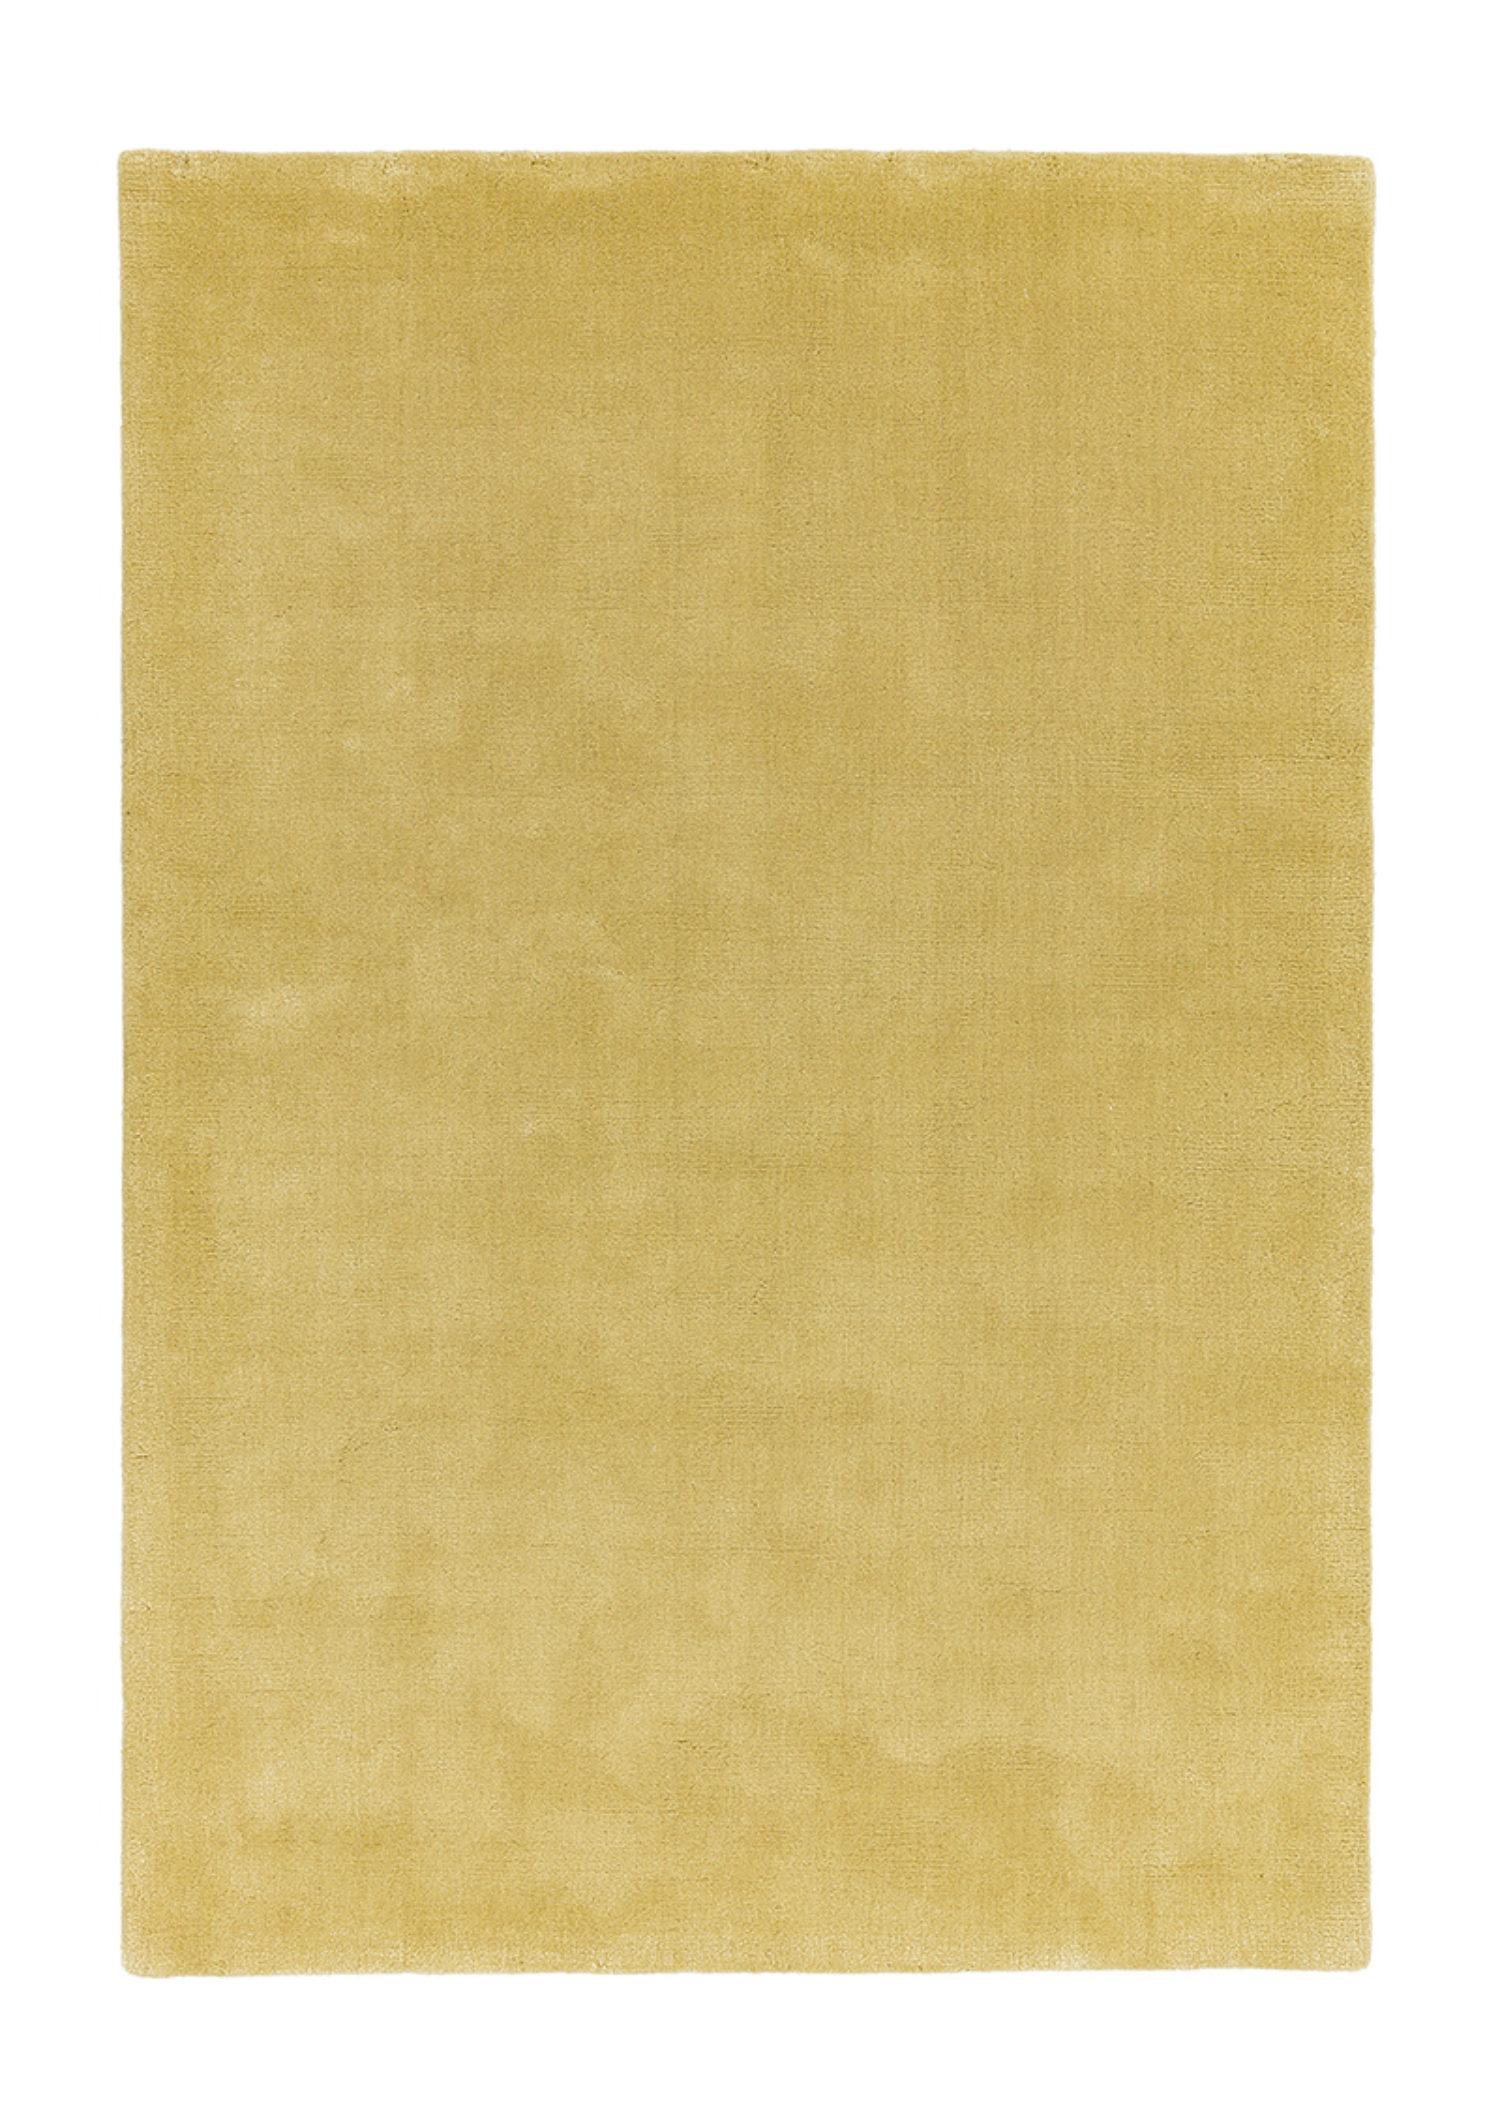 Nara Jasmine Yellow